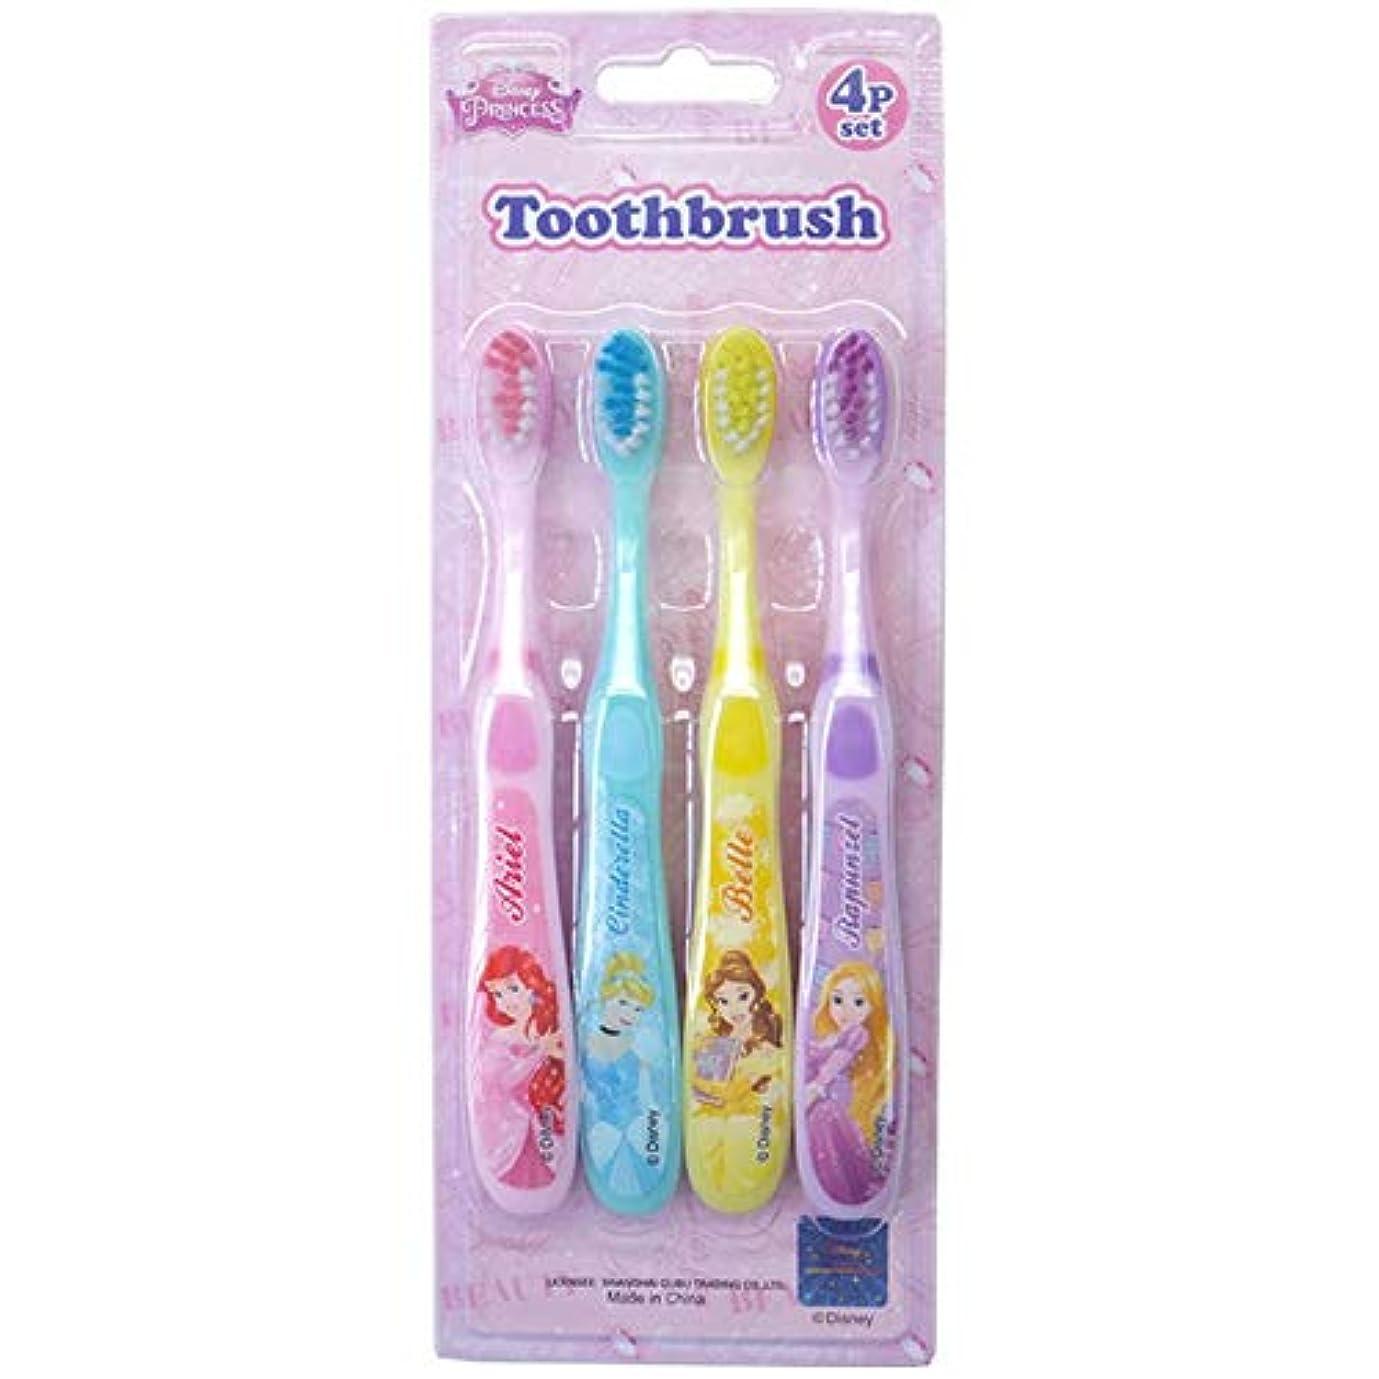 天着替える略す歯ブラシ4Pセット 26911-12(11/プリンセス) キャラクター Disney ディズニー オーラルケア 歯磨き 洗面所 子供 キッズ